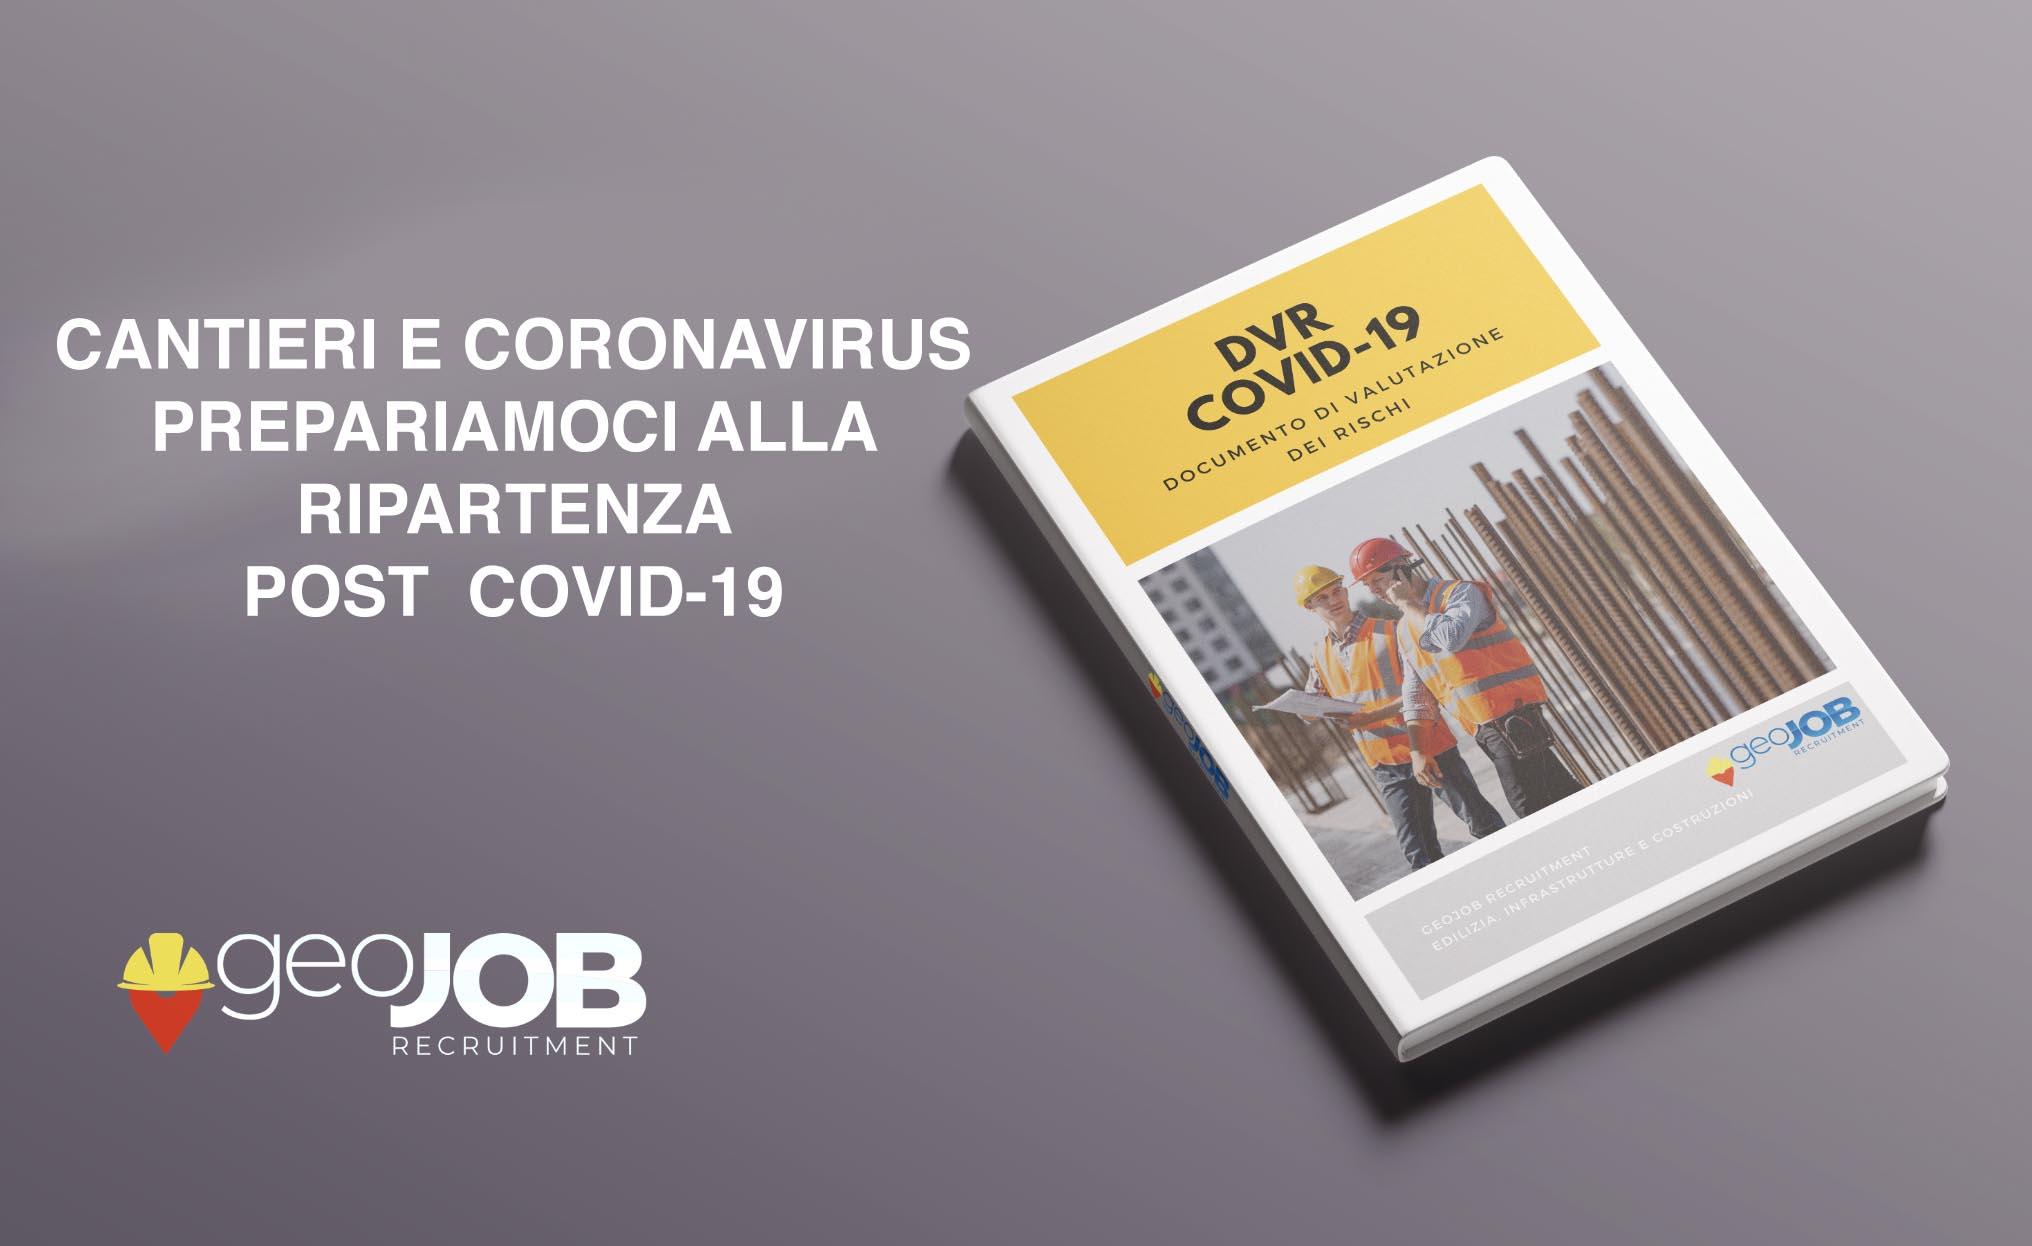 CANTIERI E CORONAVIRUS. PREPARIAMOCI ALLA RIPARTENZA POST COVID-19. SICUREZZA, ASSICURAZIONI E ALTRE DOMANDE